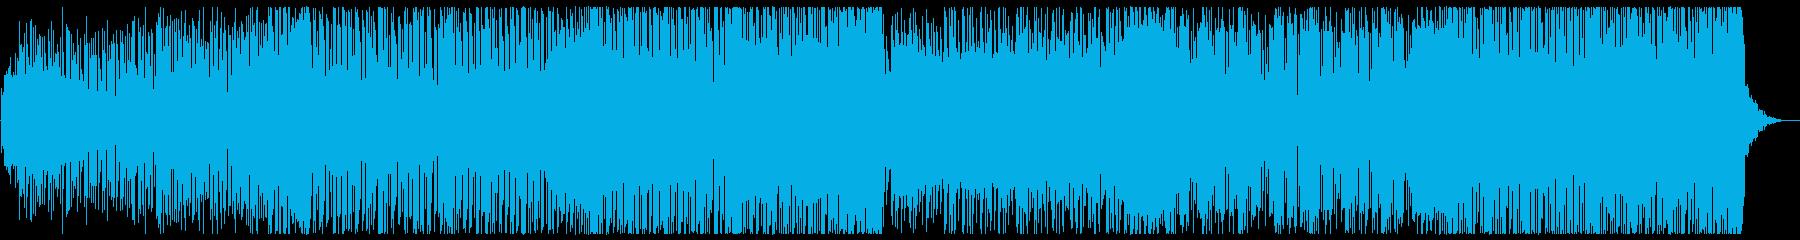 キラキラなkawaiiフューチャーベースの再生済みの波形